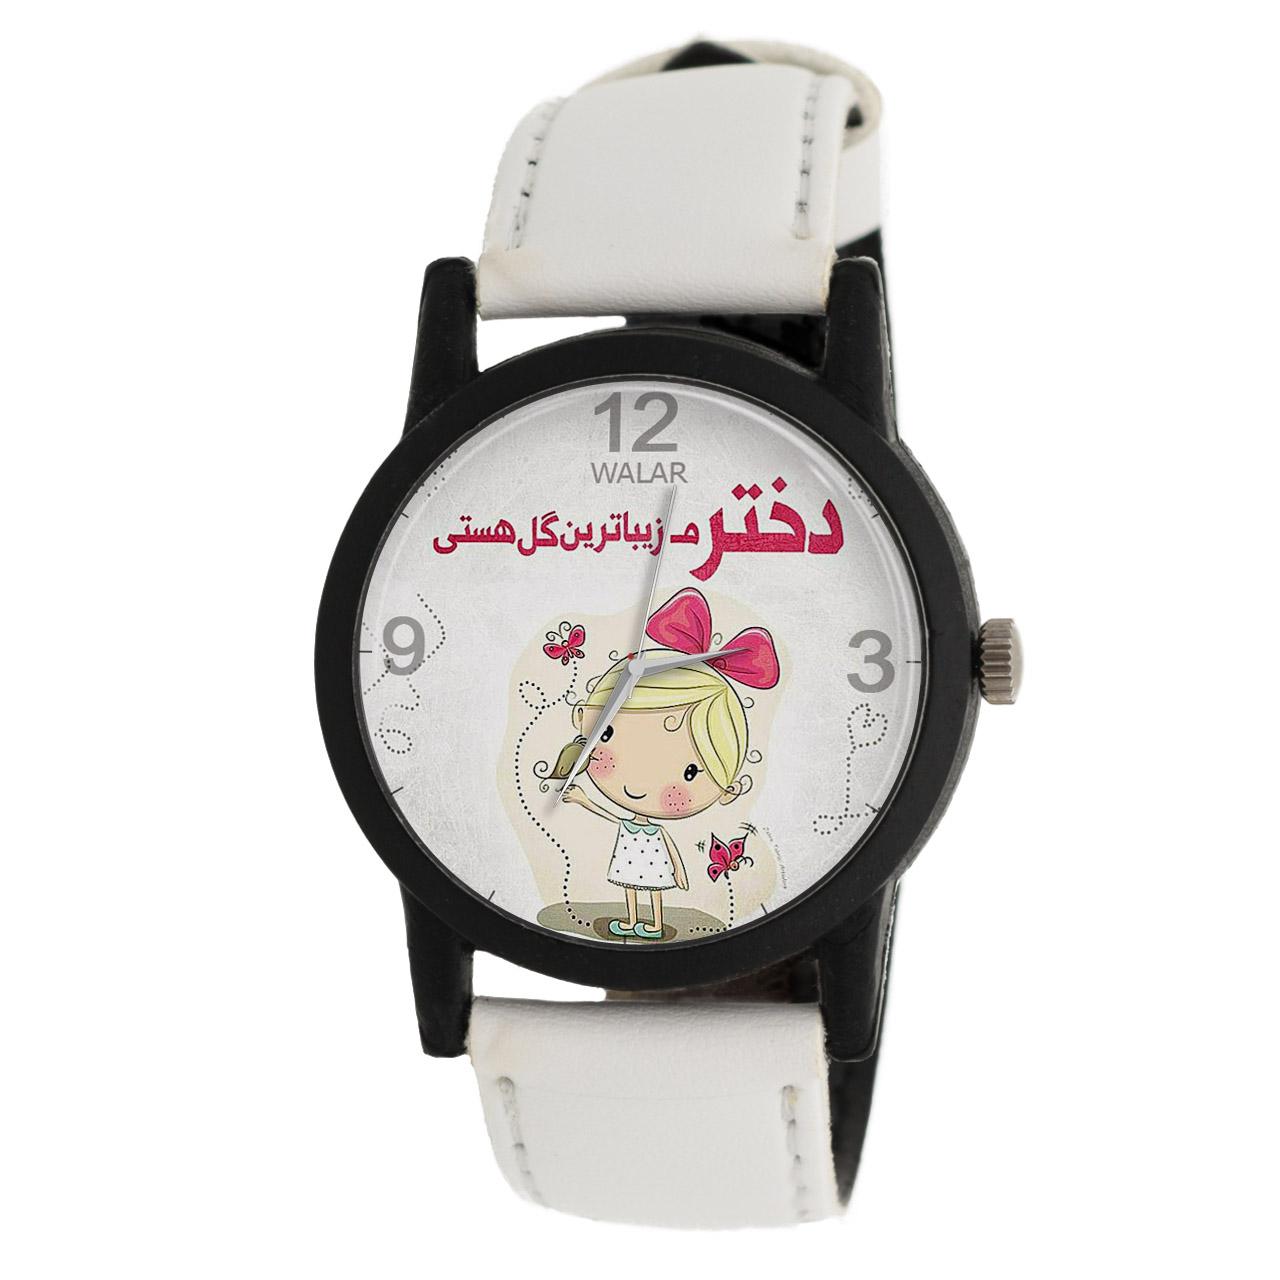 ساعت مچی عقربه ای زنانه والار مدل LF1466 20